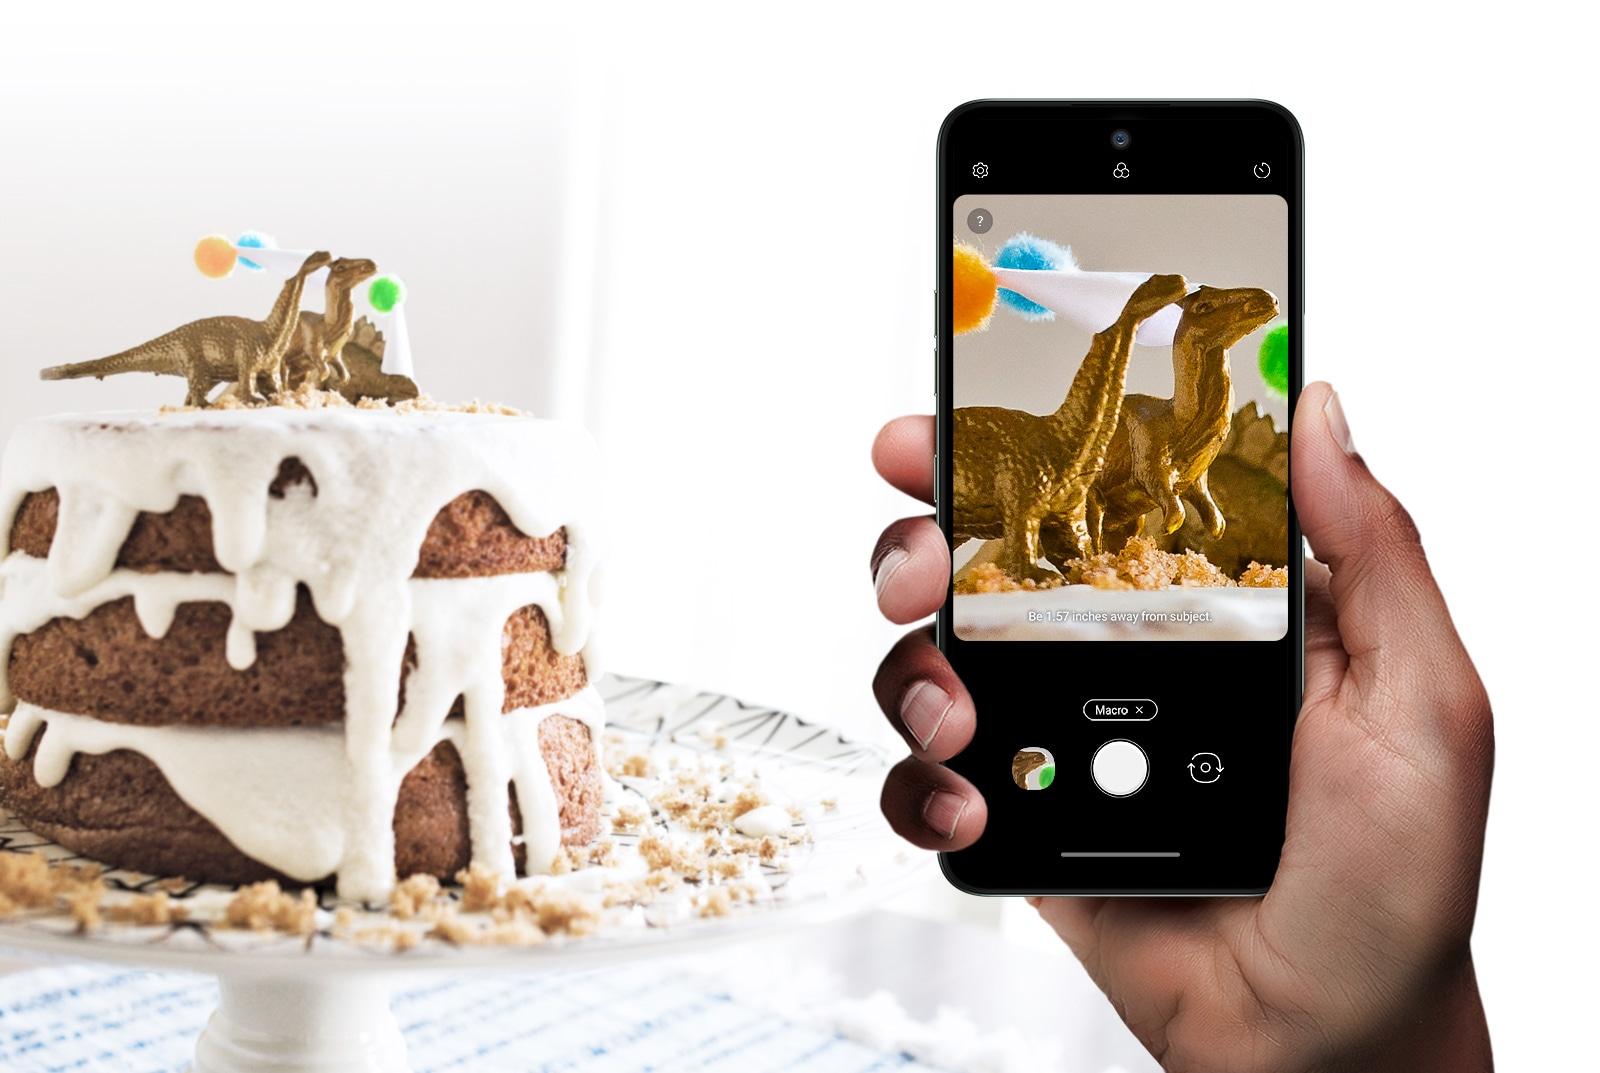 Un smartphone fotografiando una torta.